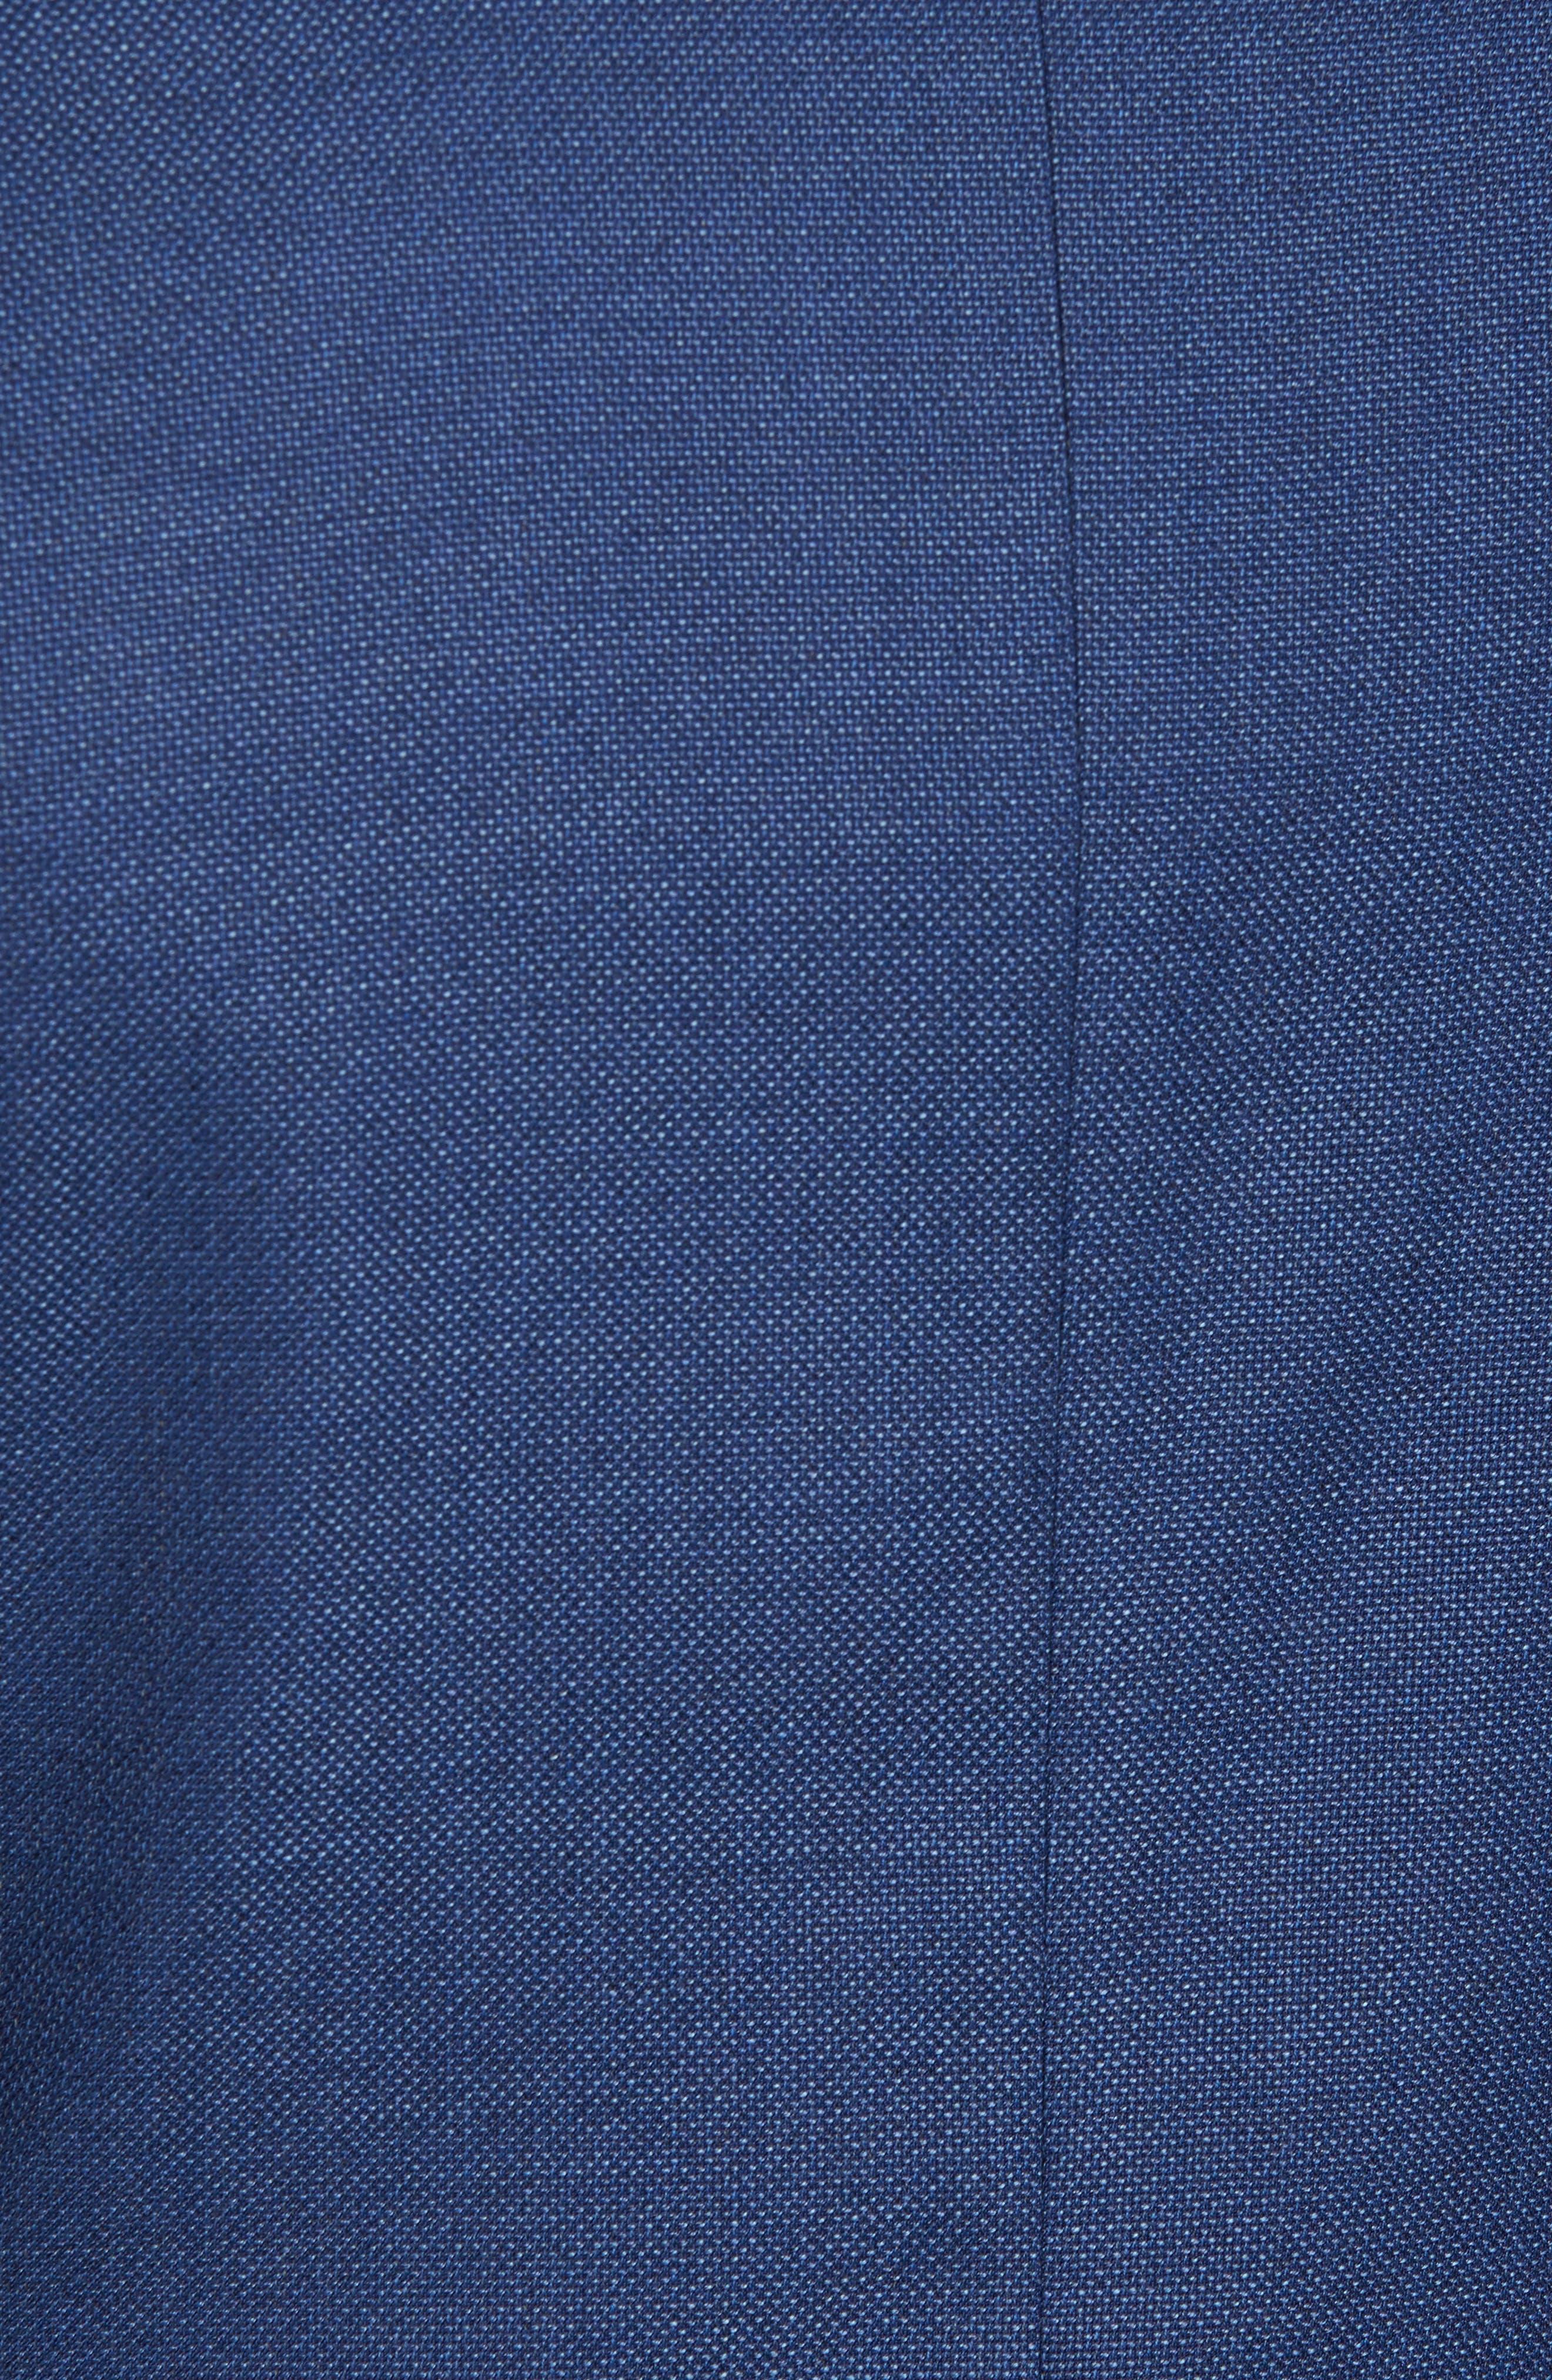 Kyle Trim Fit Wool Blazer,                             Alternate thumbnail 5, color,                             Mid Blue